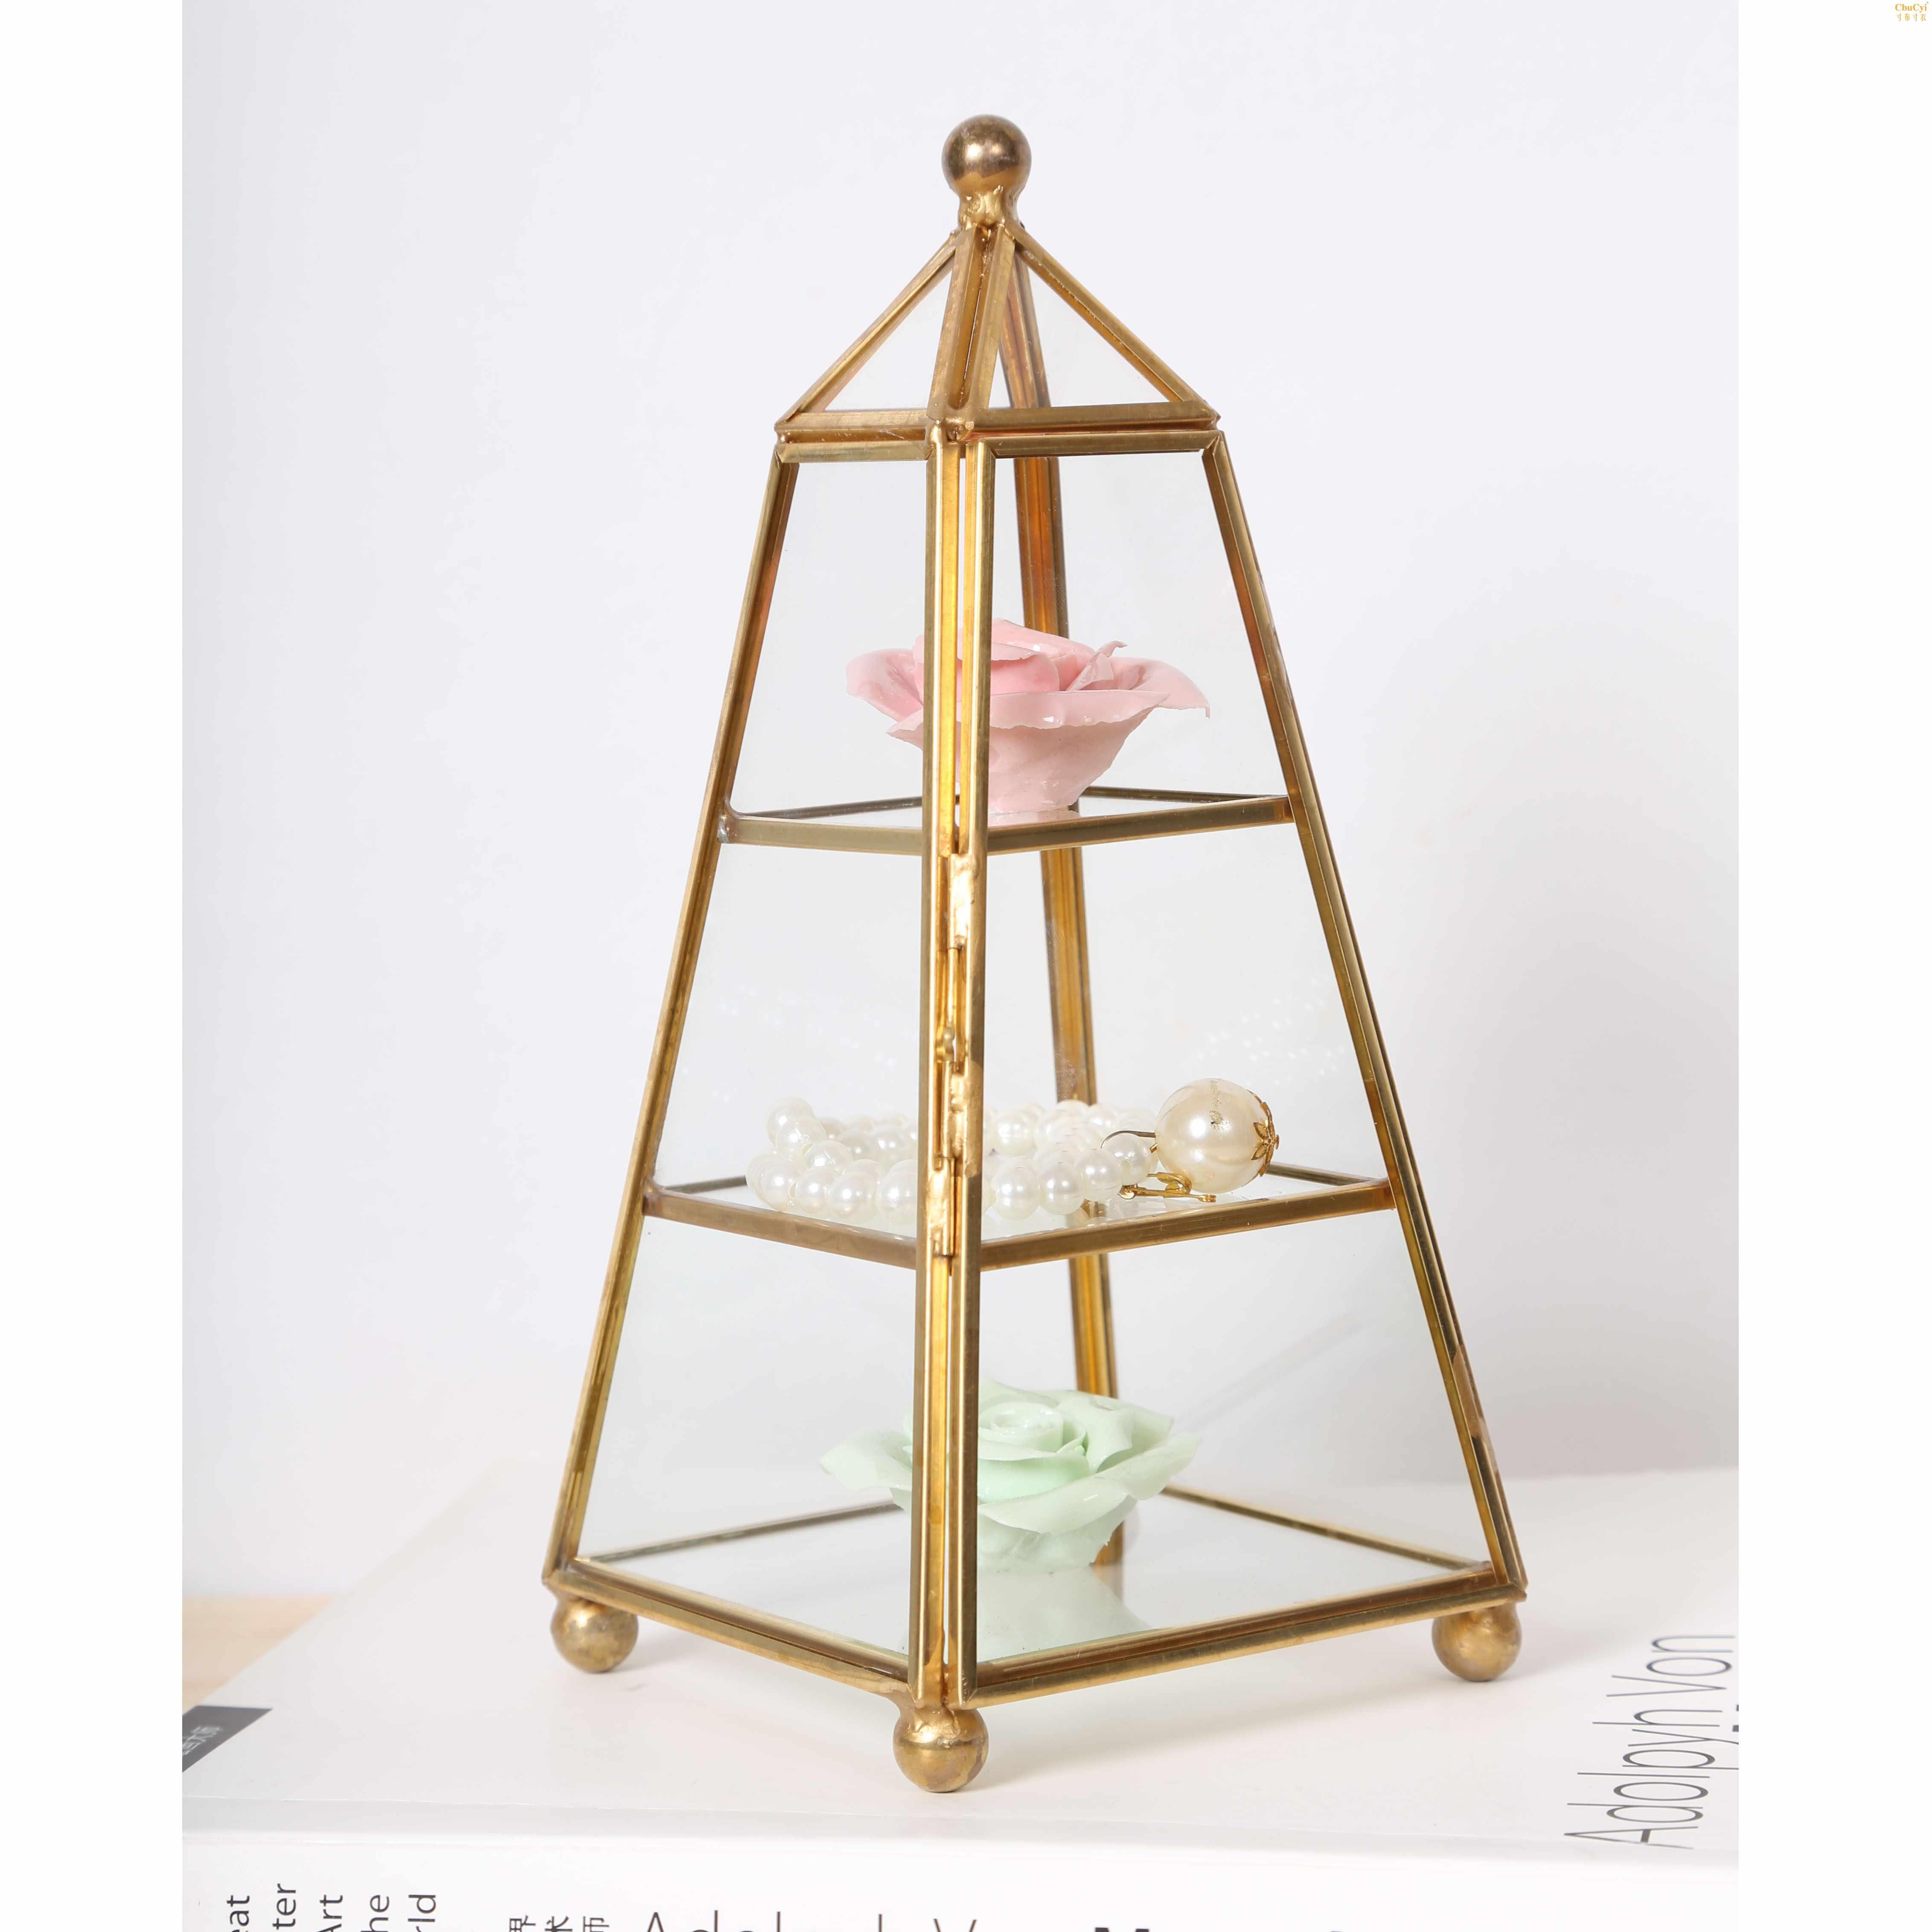 包邮玻璃首饰盒欧式饰品收纳复古首饰珠宝盒手表珠宝展示架道具